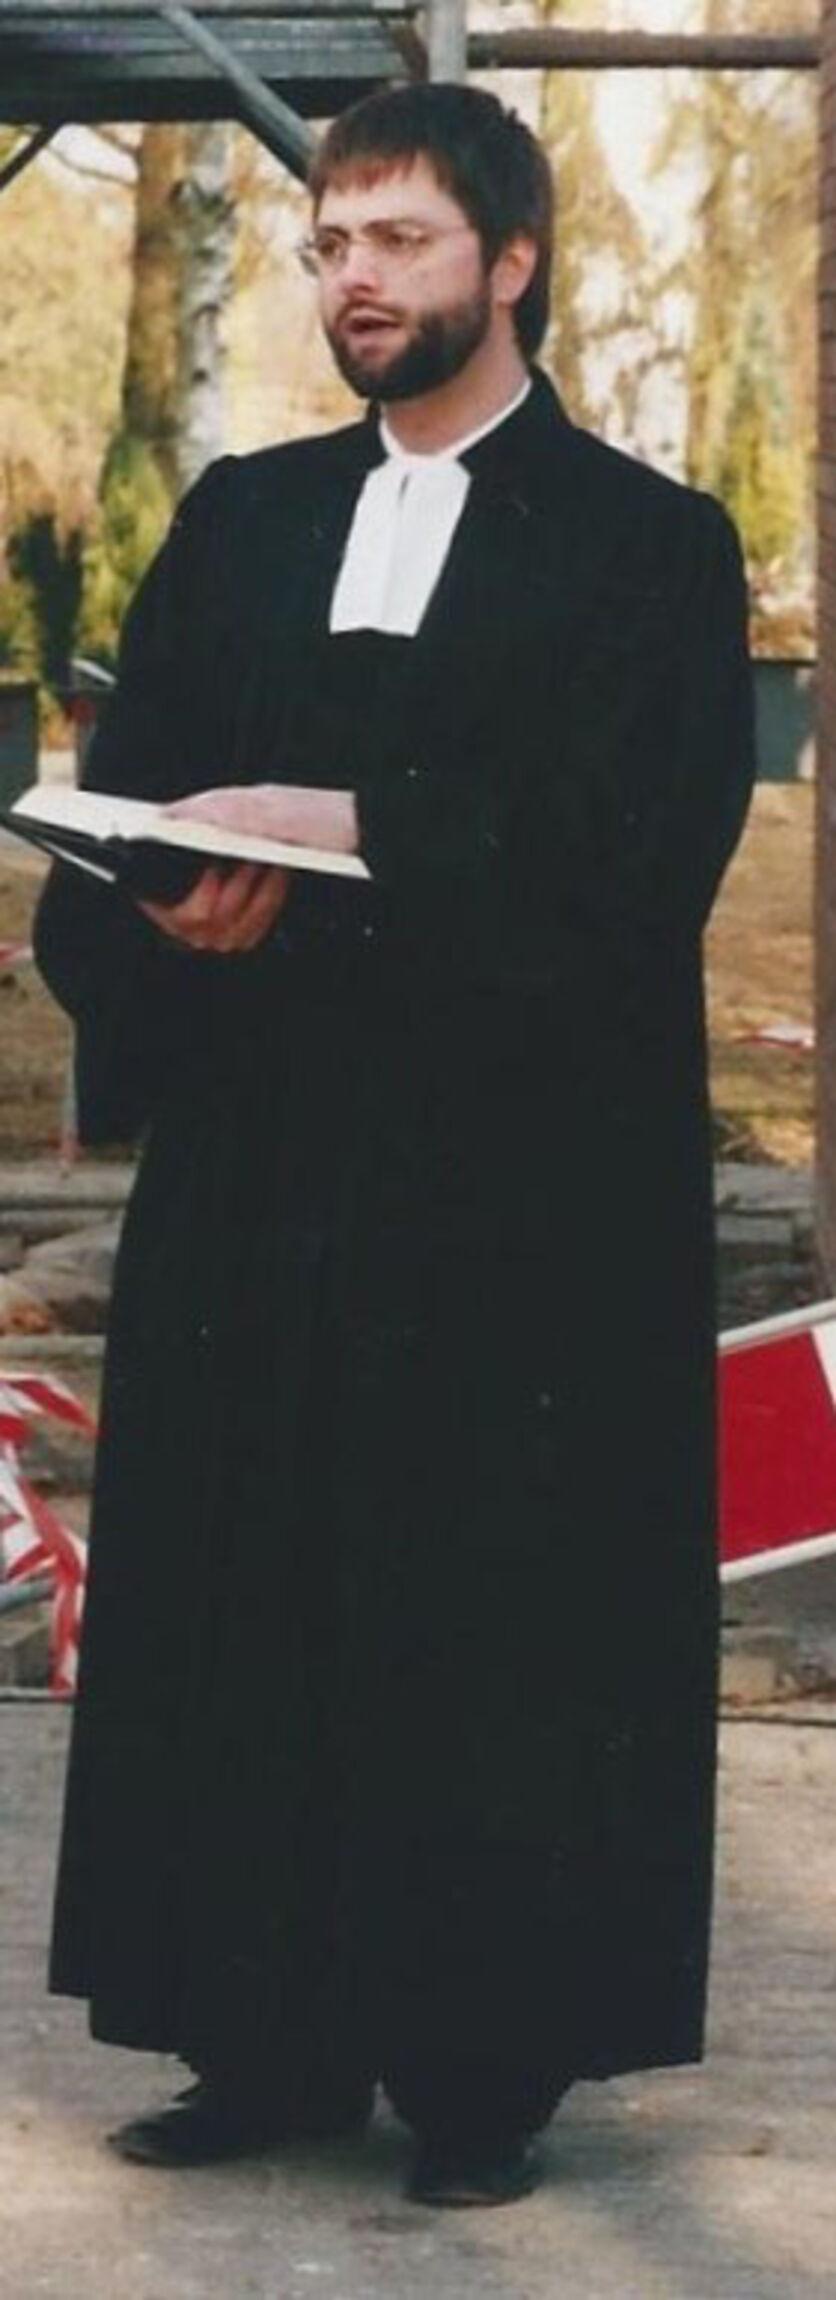 Georg Ziegler